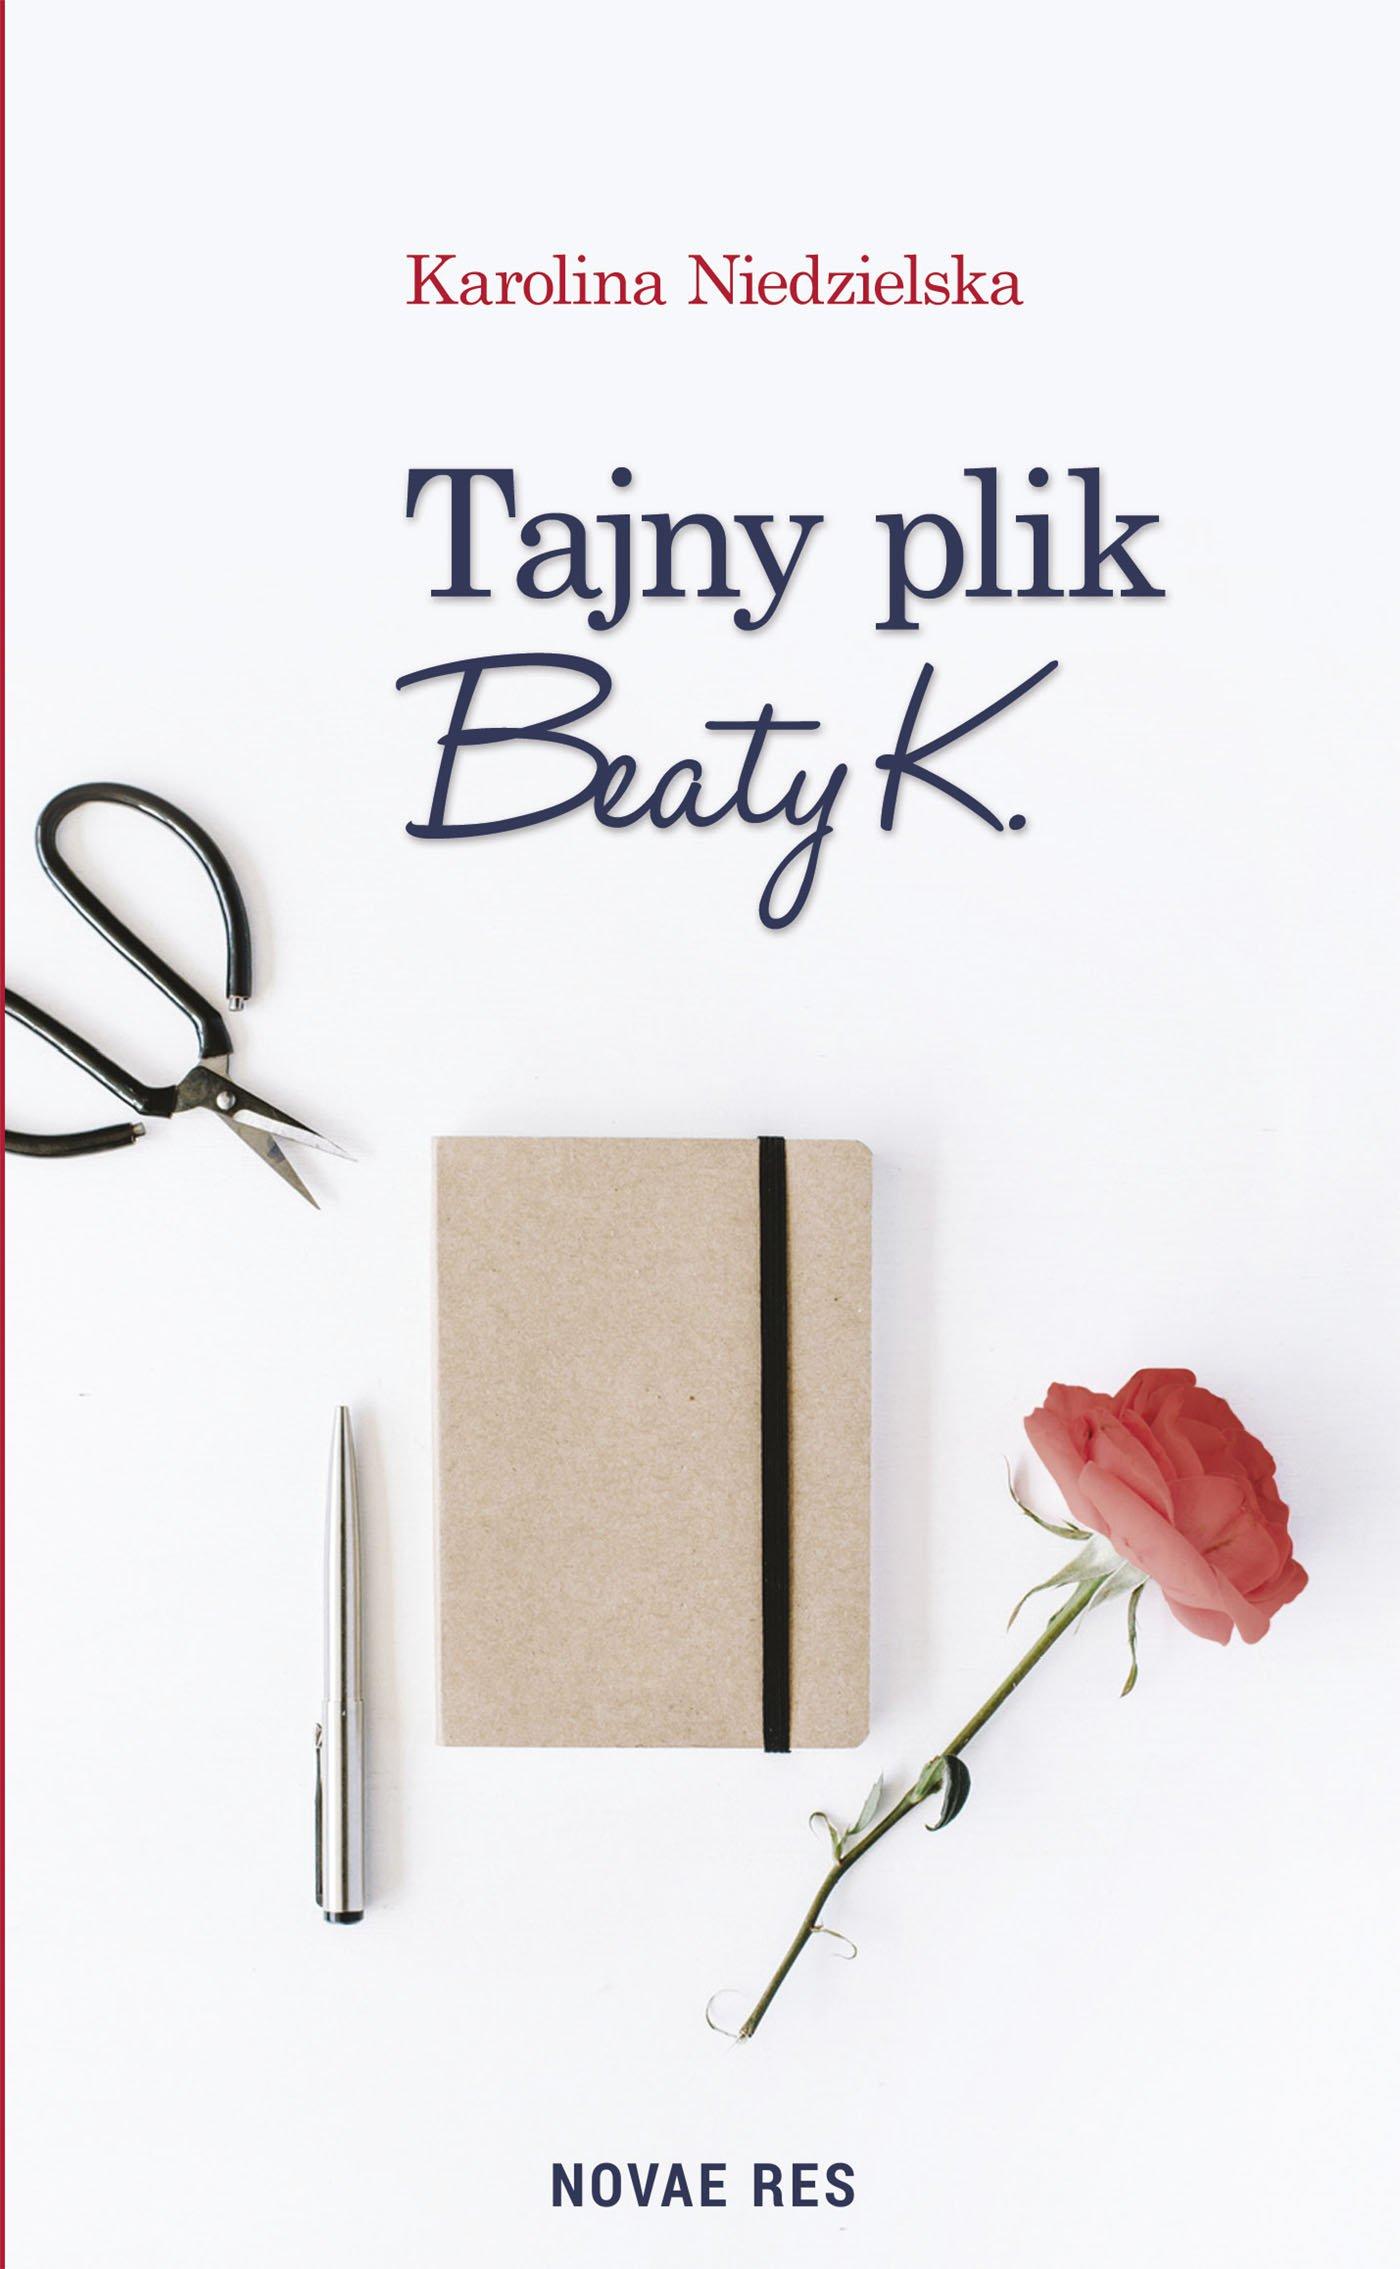 Tajny plik Beaty K. - Ebook (Książka na Kindle) do pobrania w formacie MOBI